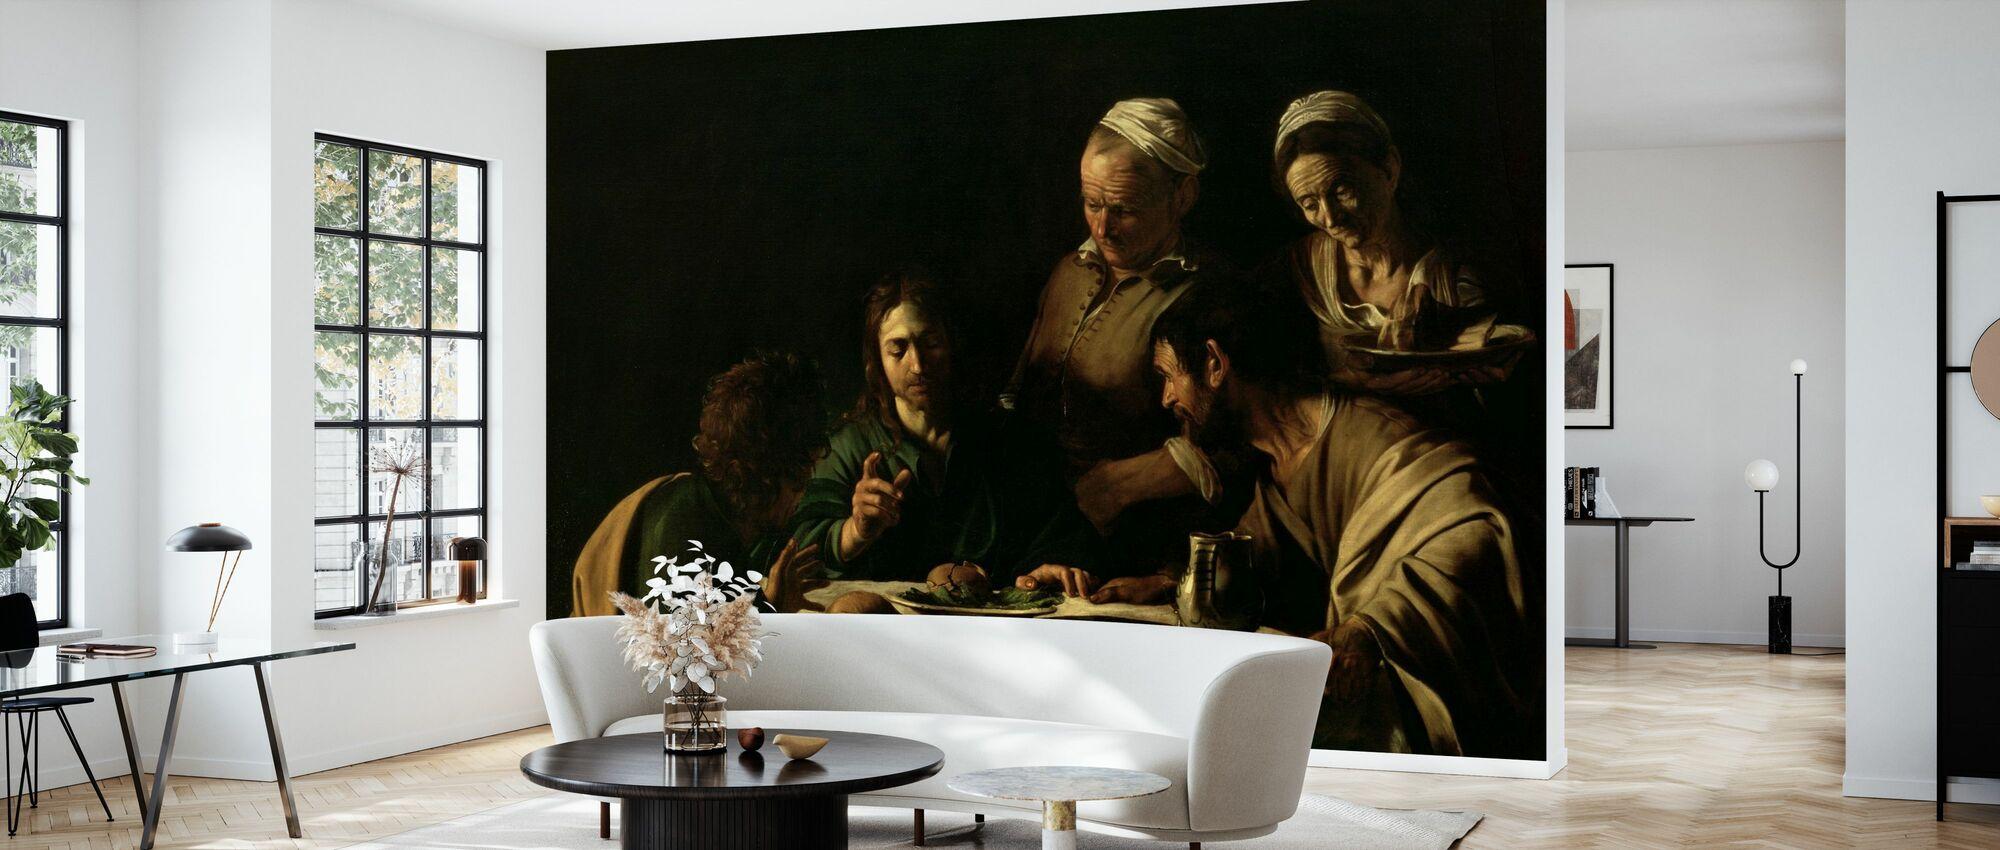 Abendessen in Emmaus - Michelangelo Caravaggio - Tapete - Wohnzimmer